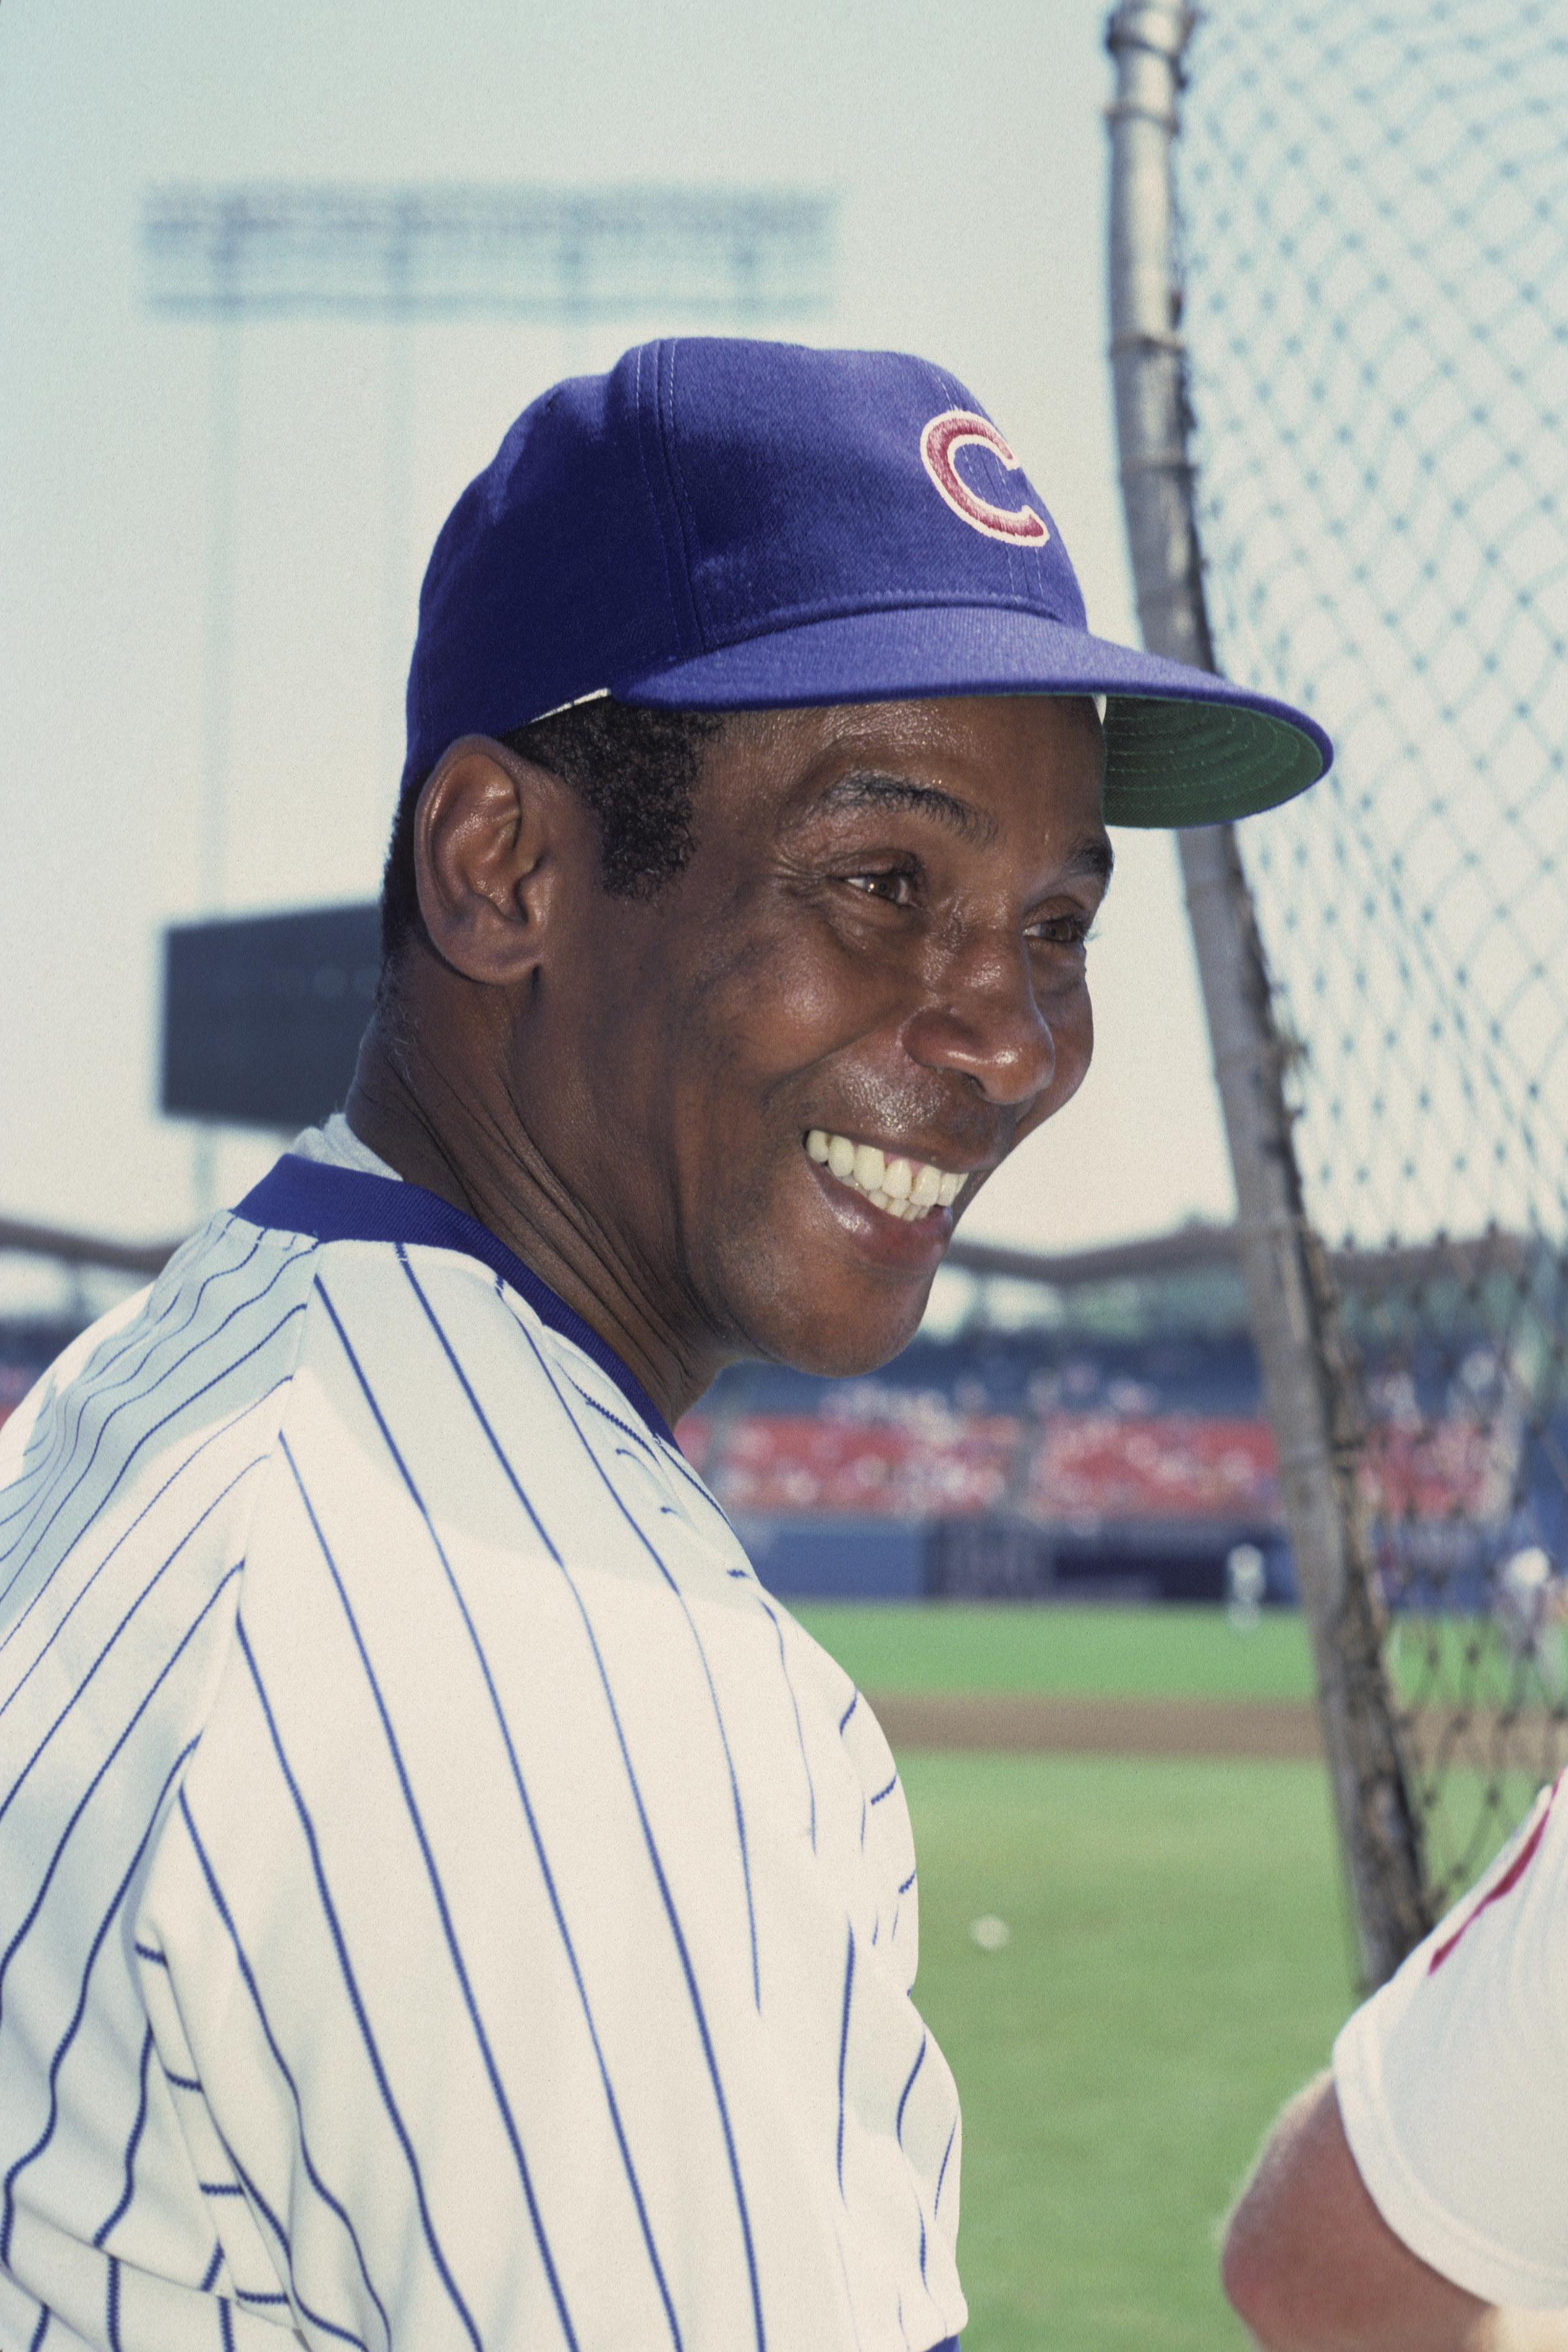 Ernest Banks smiling in a Cubs uniform